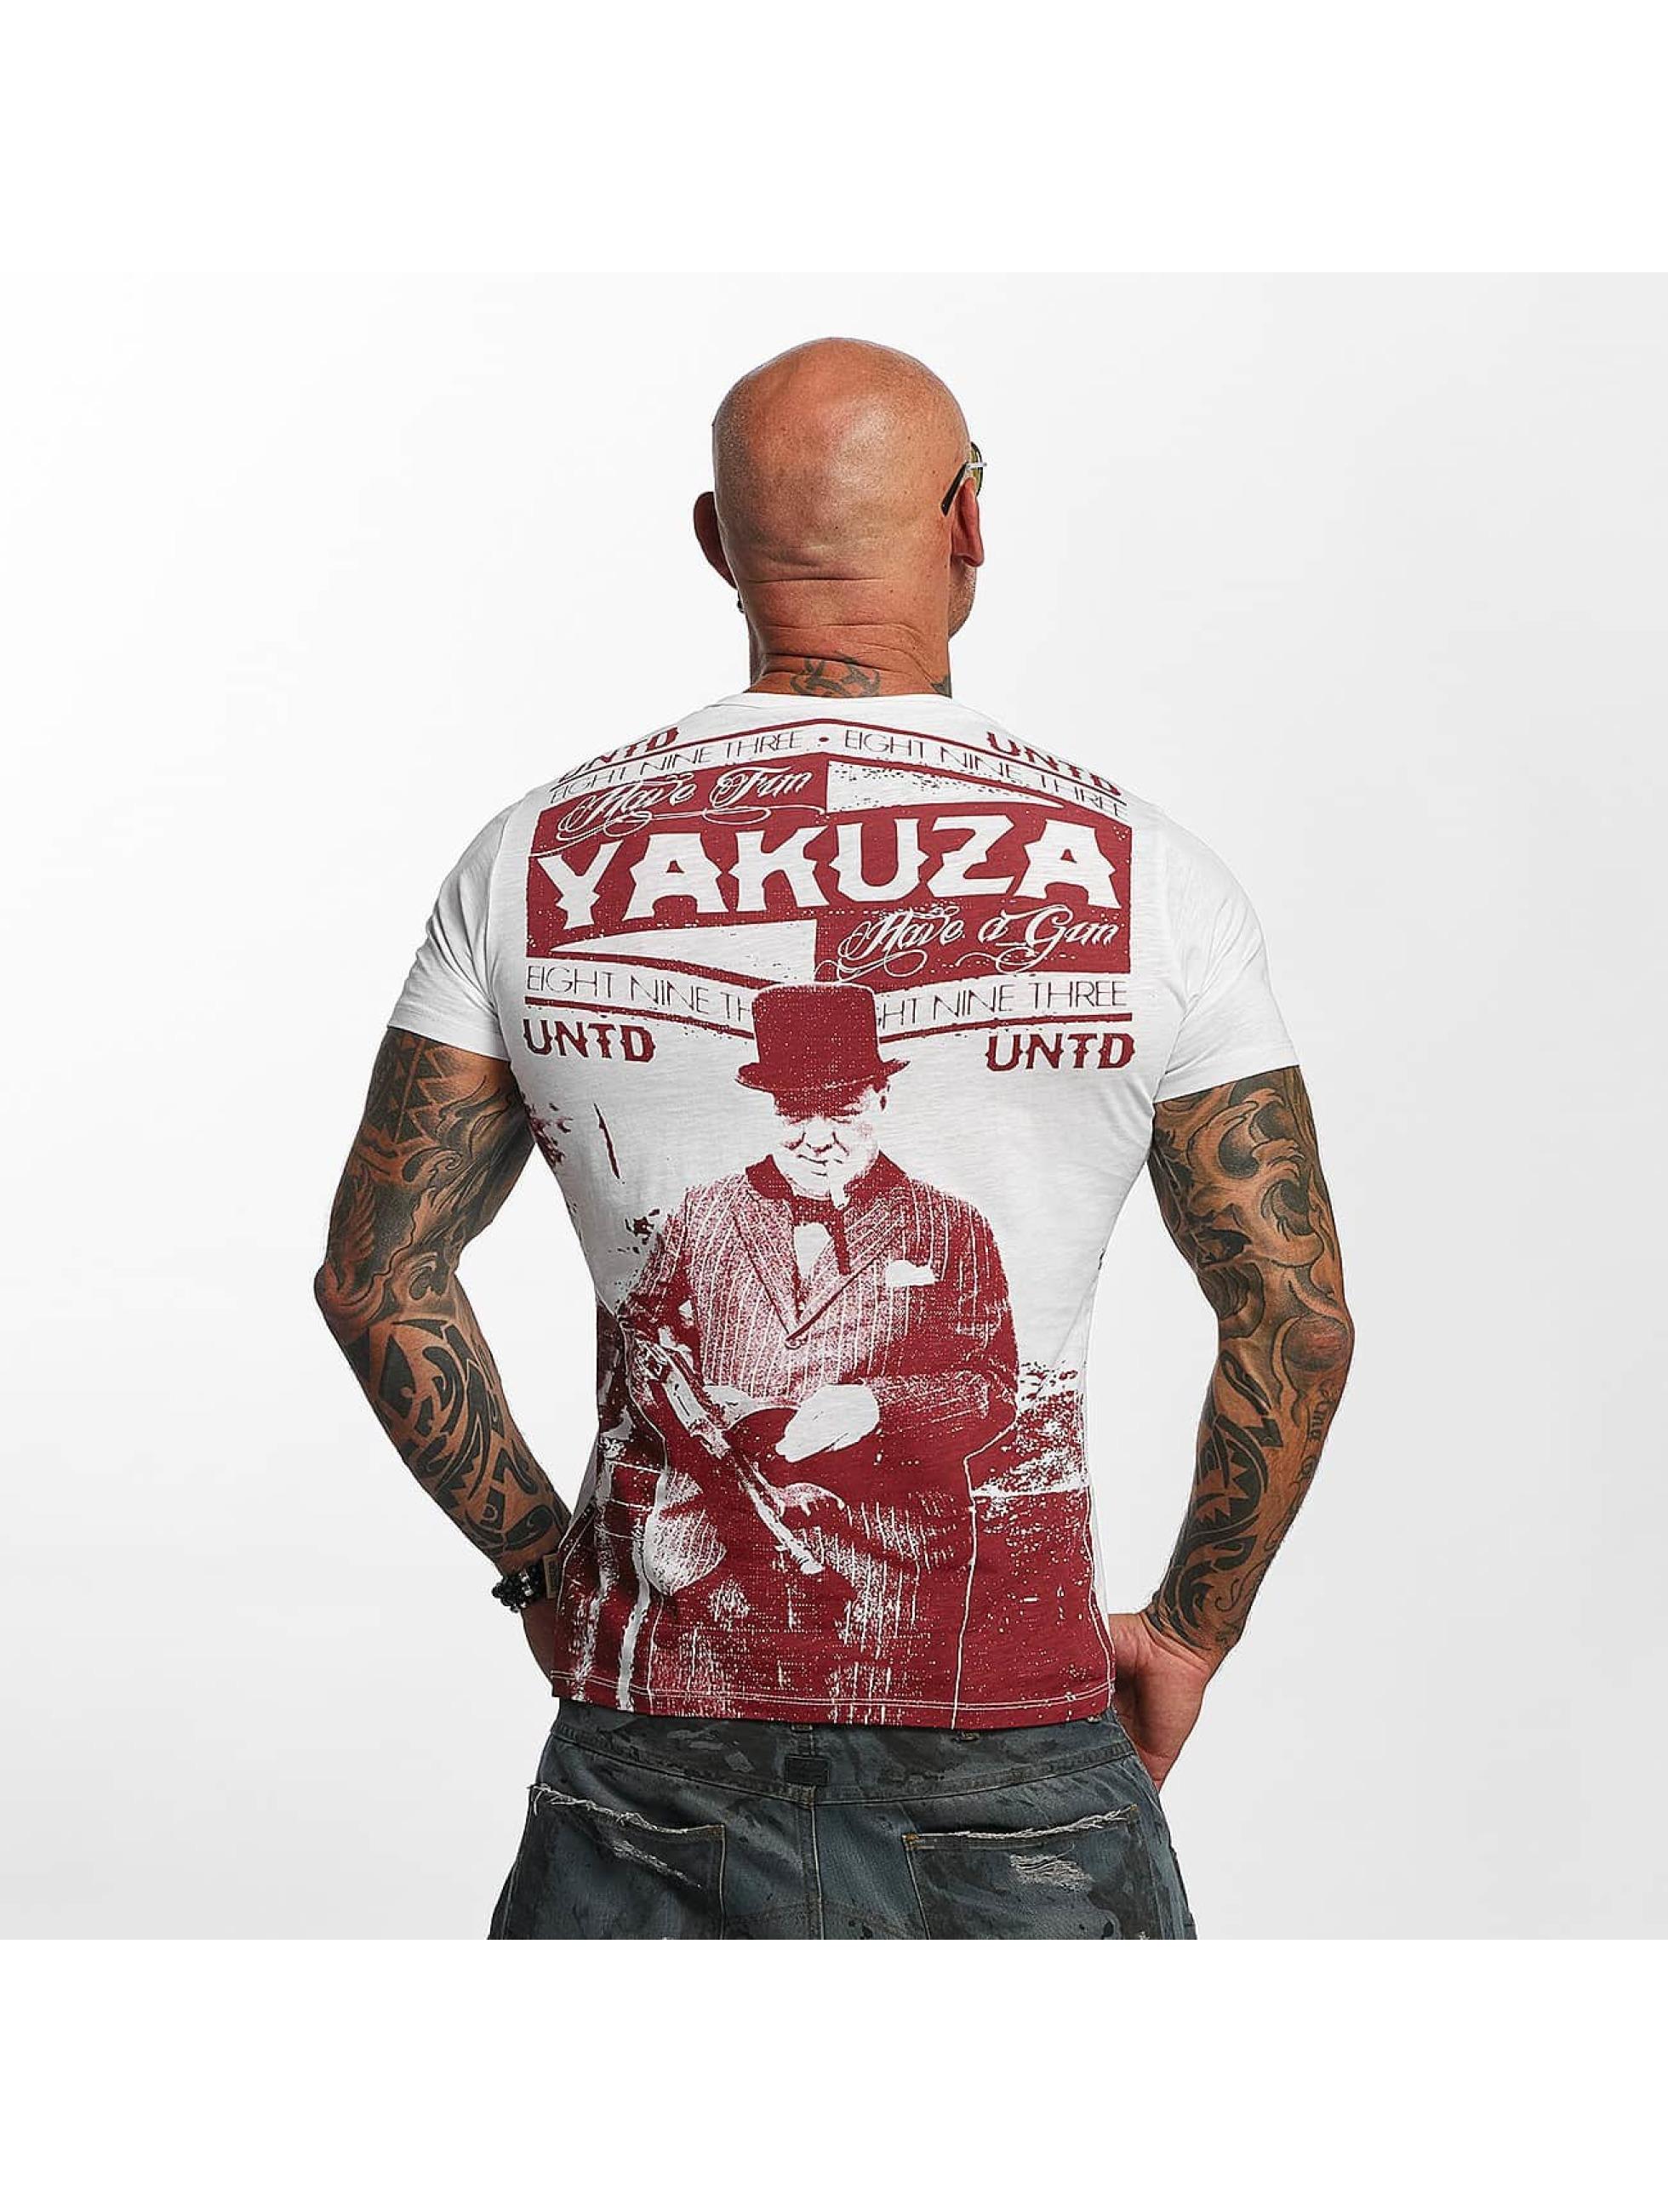 Yakuza T-Shirt Untd white